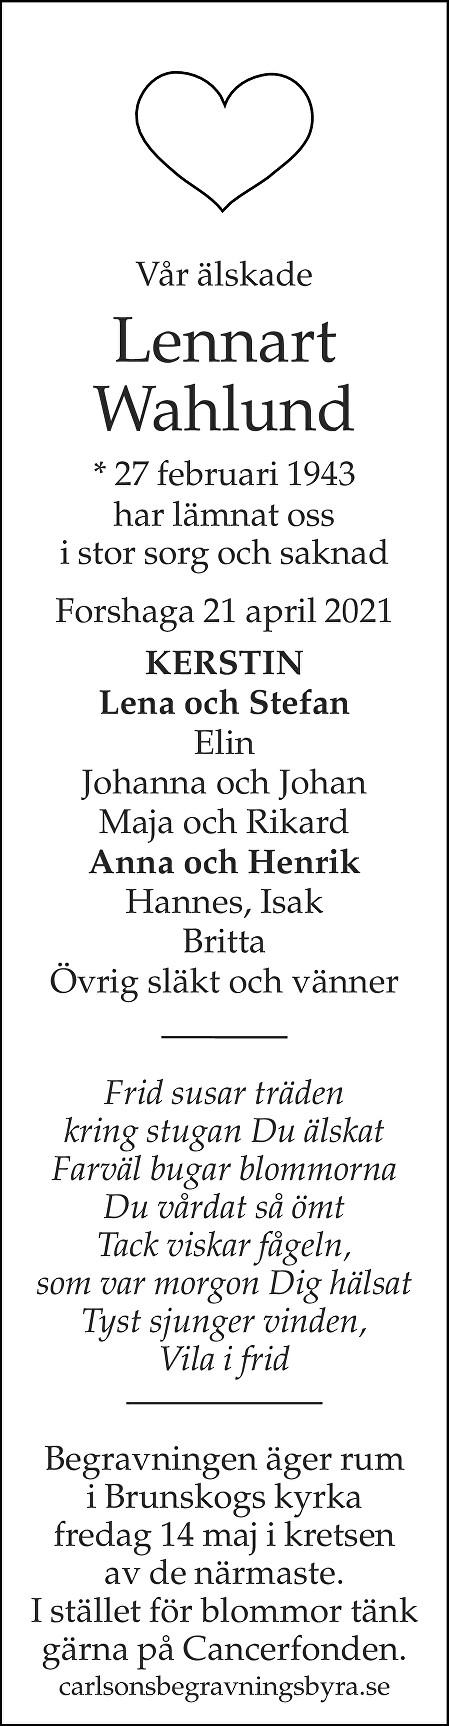 Lennart Wahlund Death notice